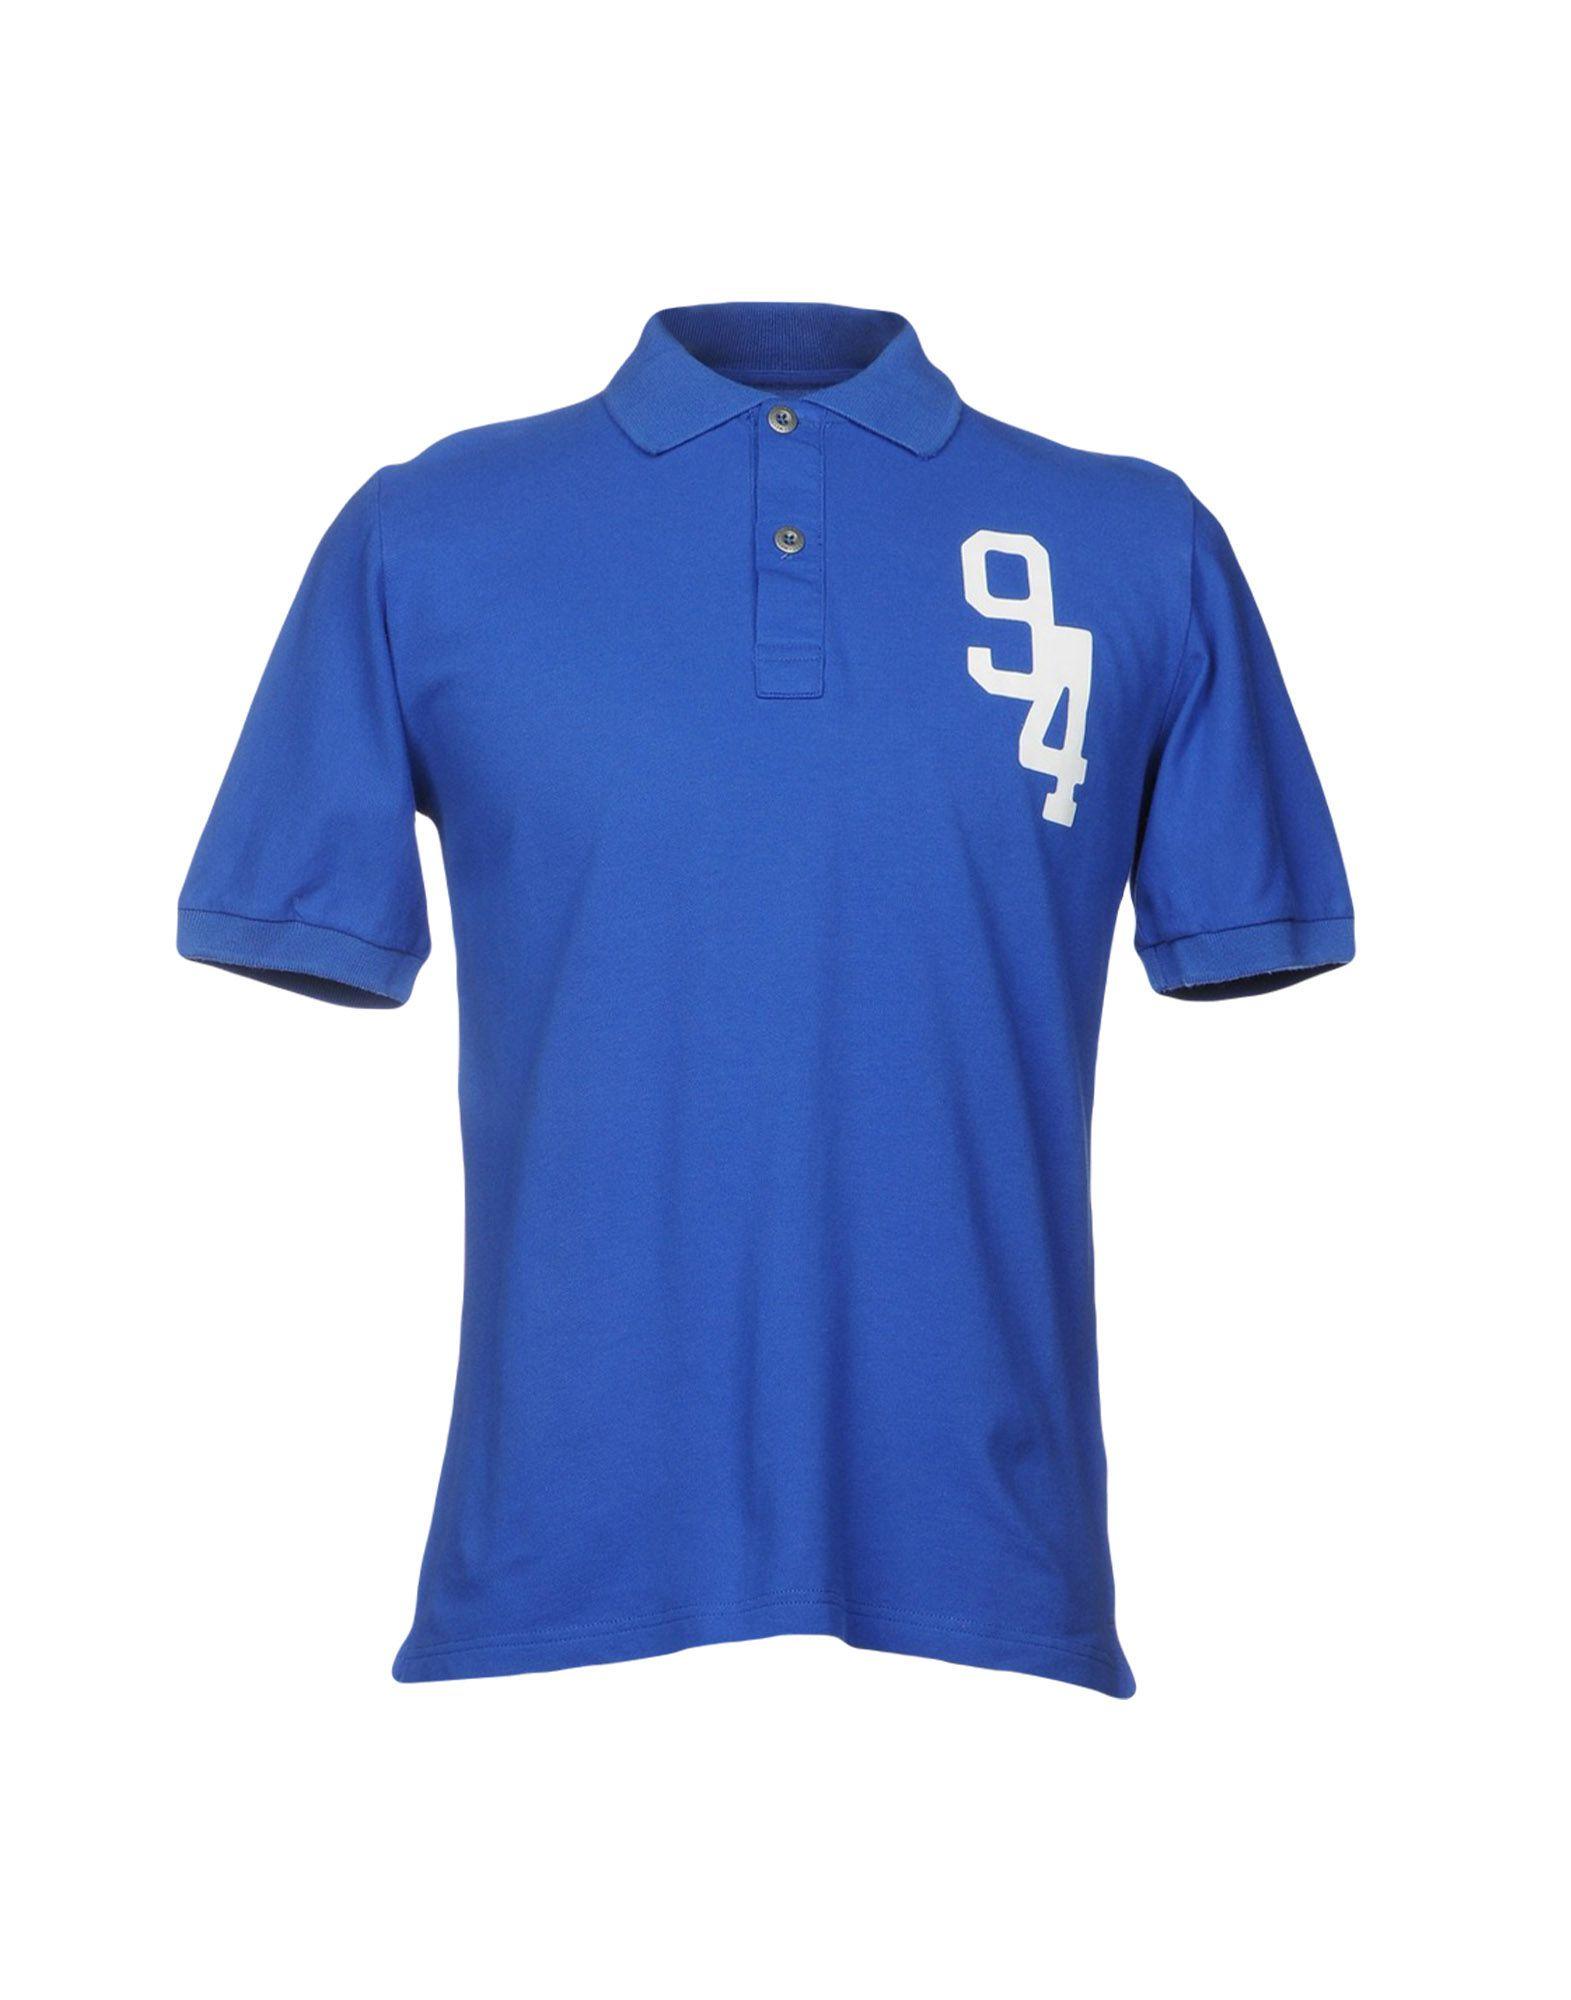 《送料無料》MELTIN POT メンズ ポロシャツ ブルー S コットン 100%